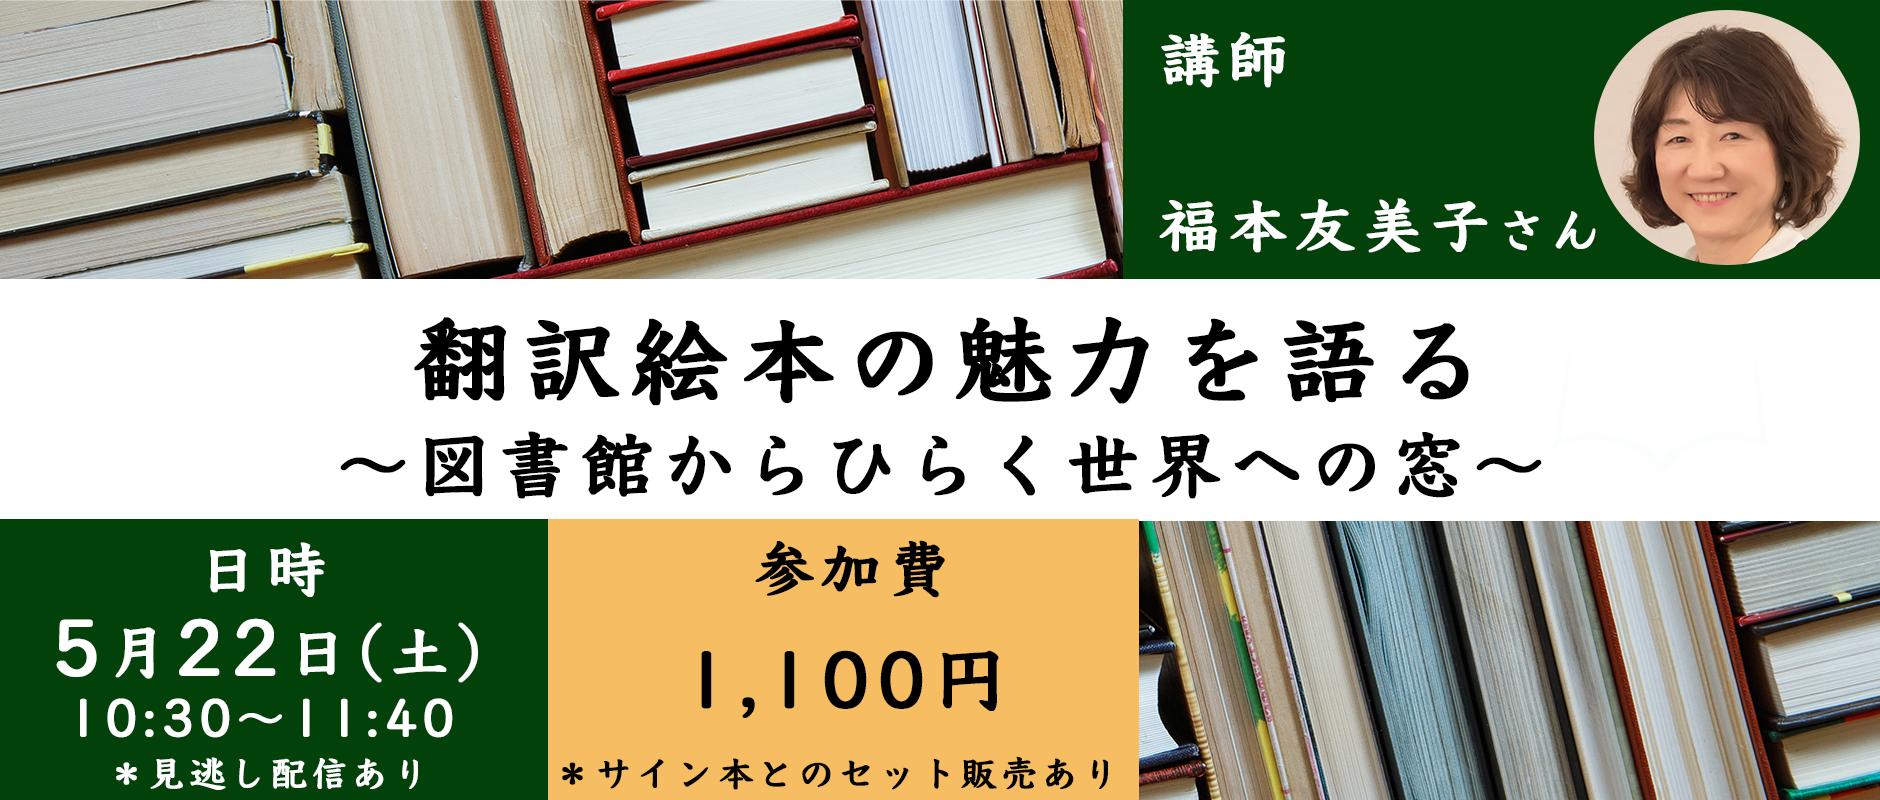 20210522福本さん試作3.png